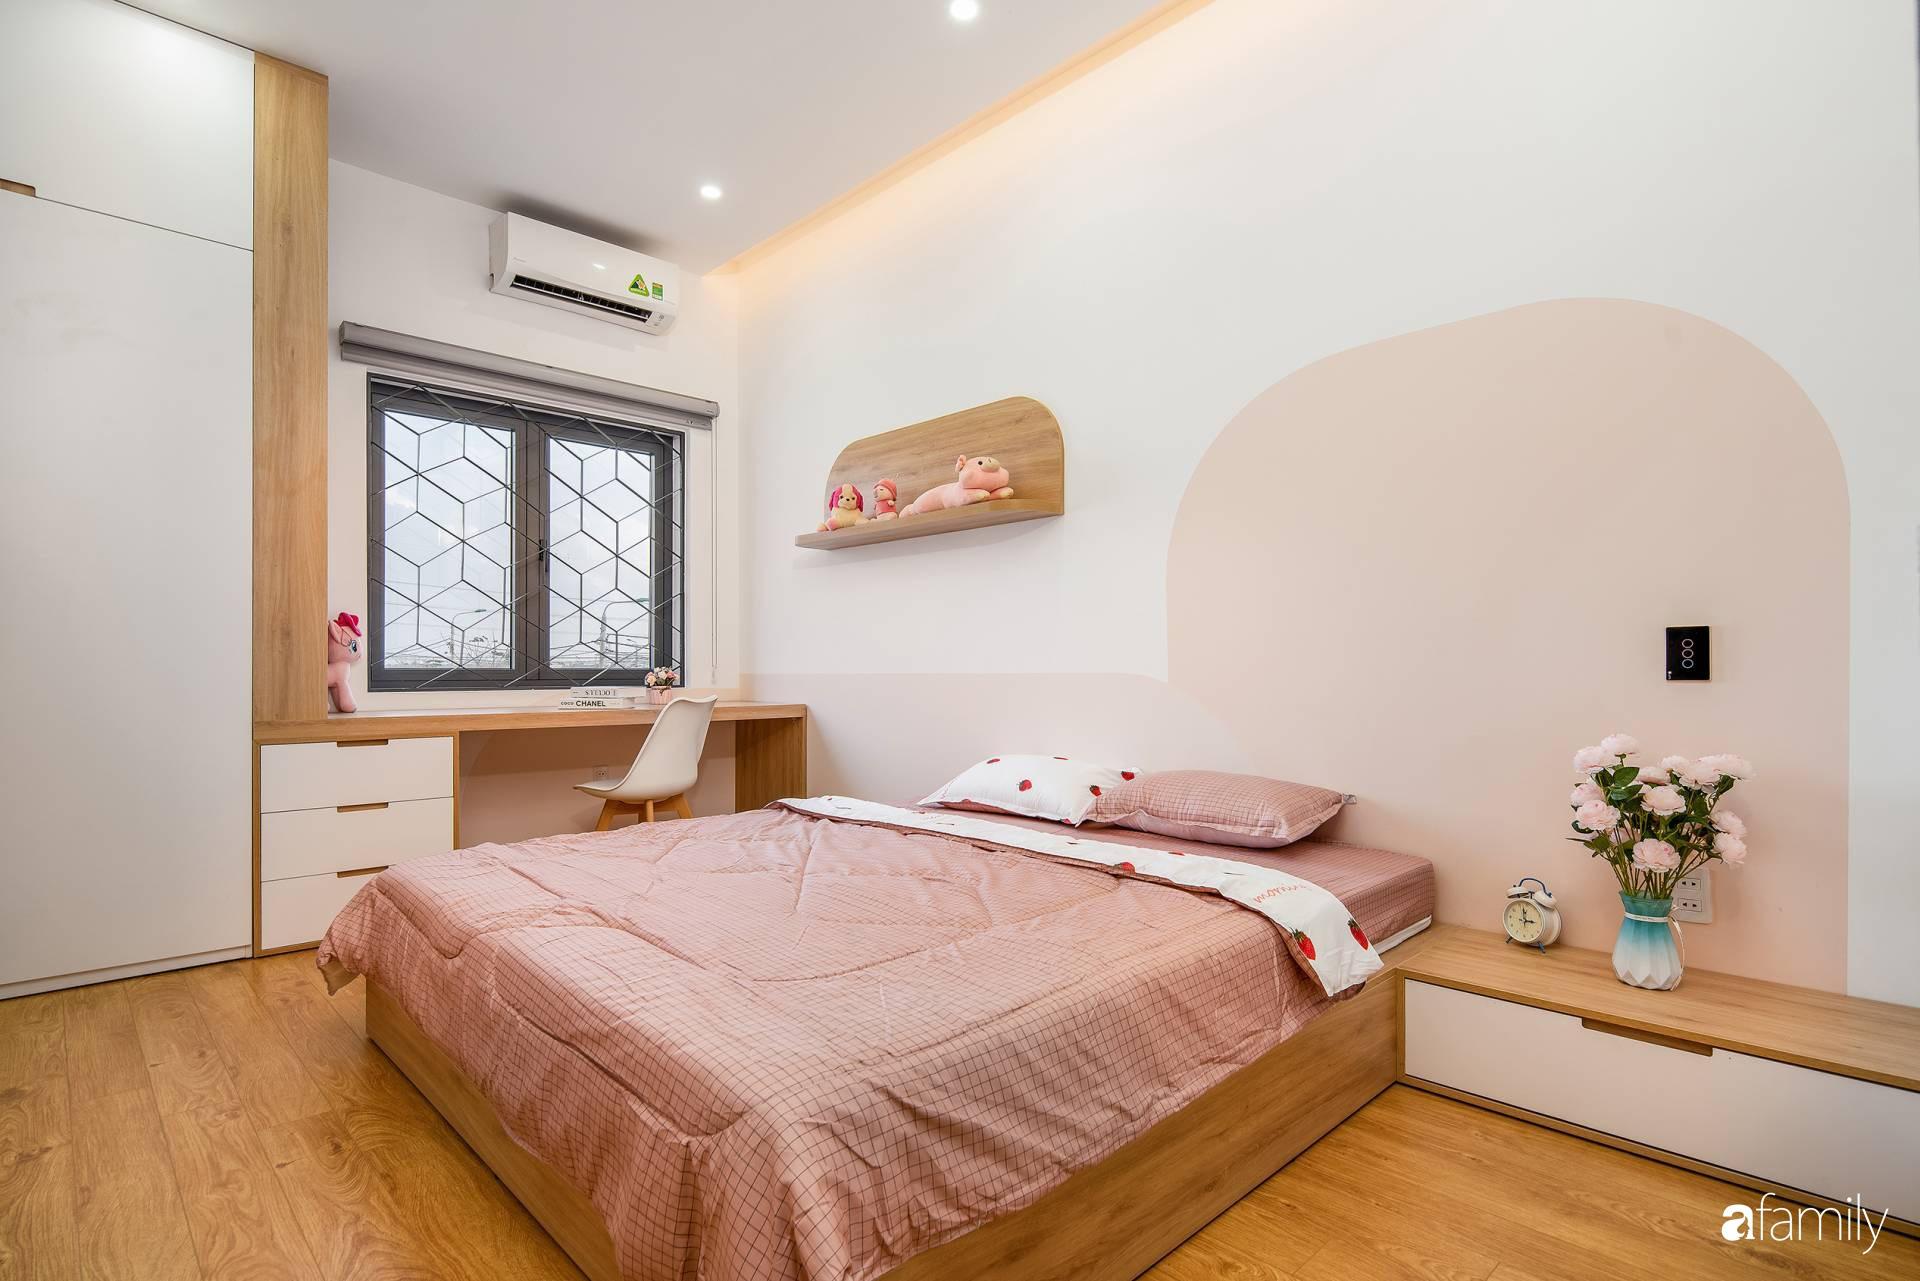 Ngôi nhà 100m2 thiết kế thông minh, tiện lợi dành cho gia đình 3 thế hệ ở Đà Nẵng - Ảnh 18.